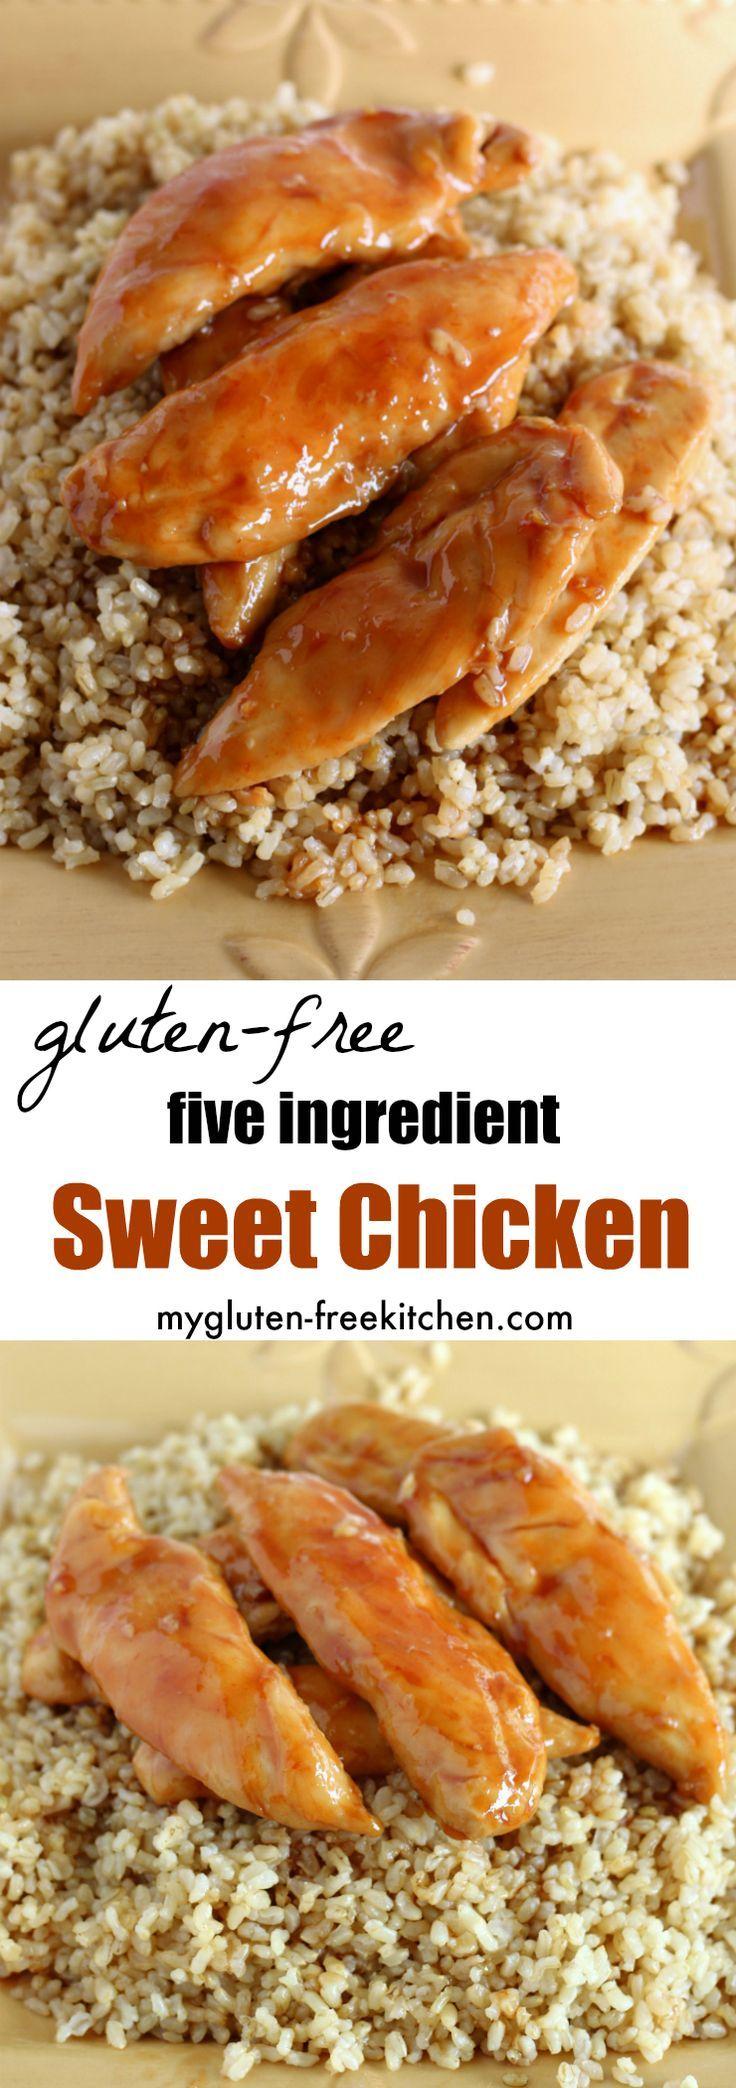 Gluten-free Sweet Chicken – #Chicken #glutenfree #Sweet